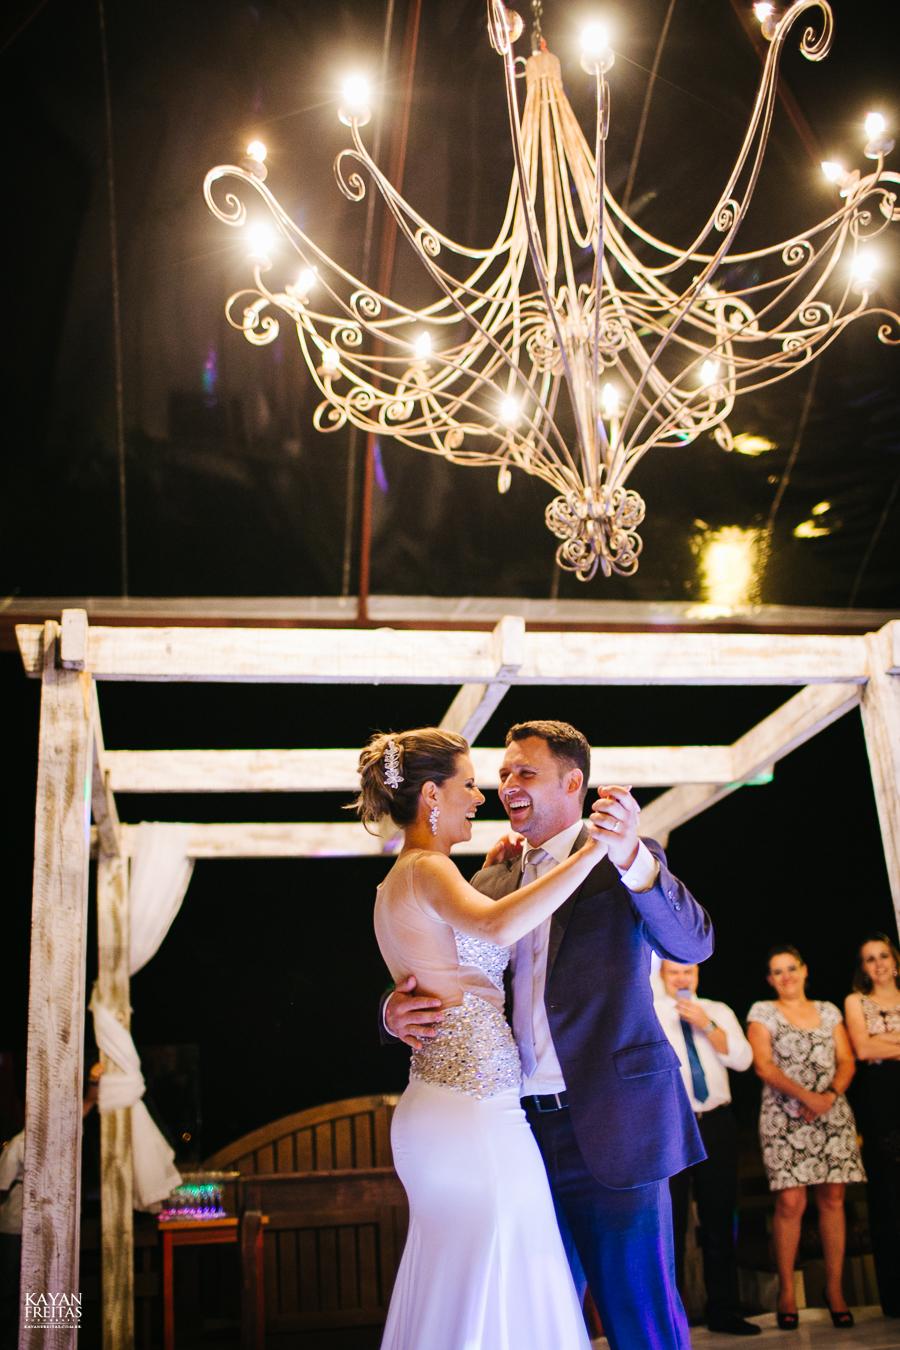 fotografo-casamento-florianopolis-jeg-0140